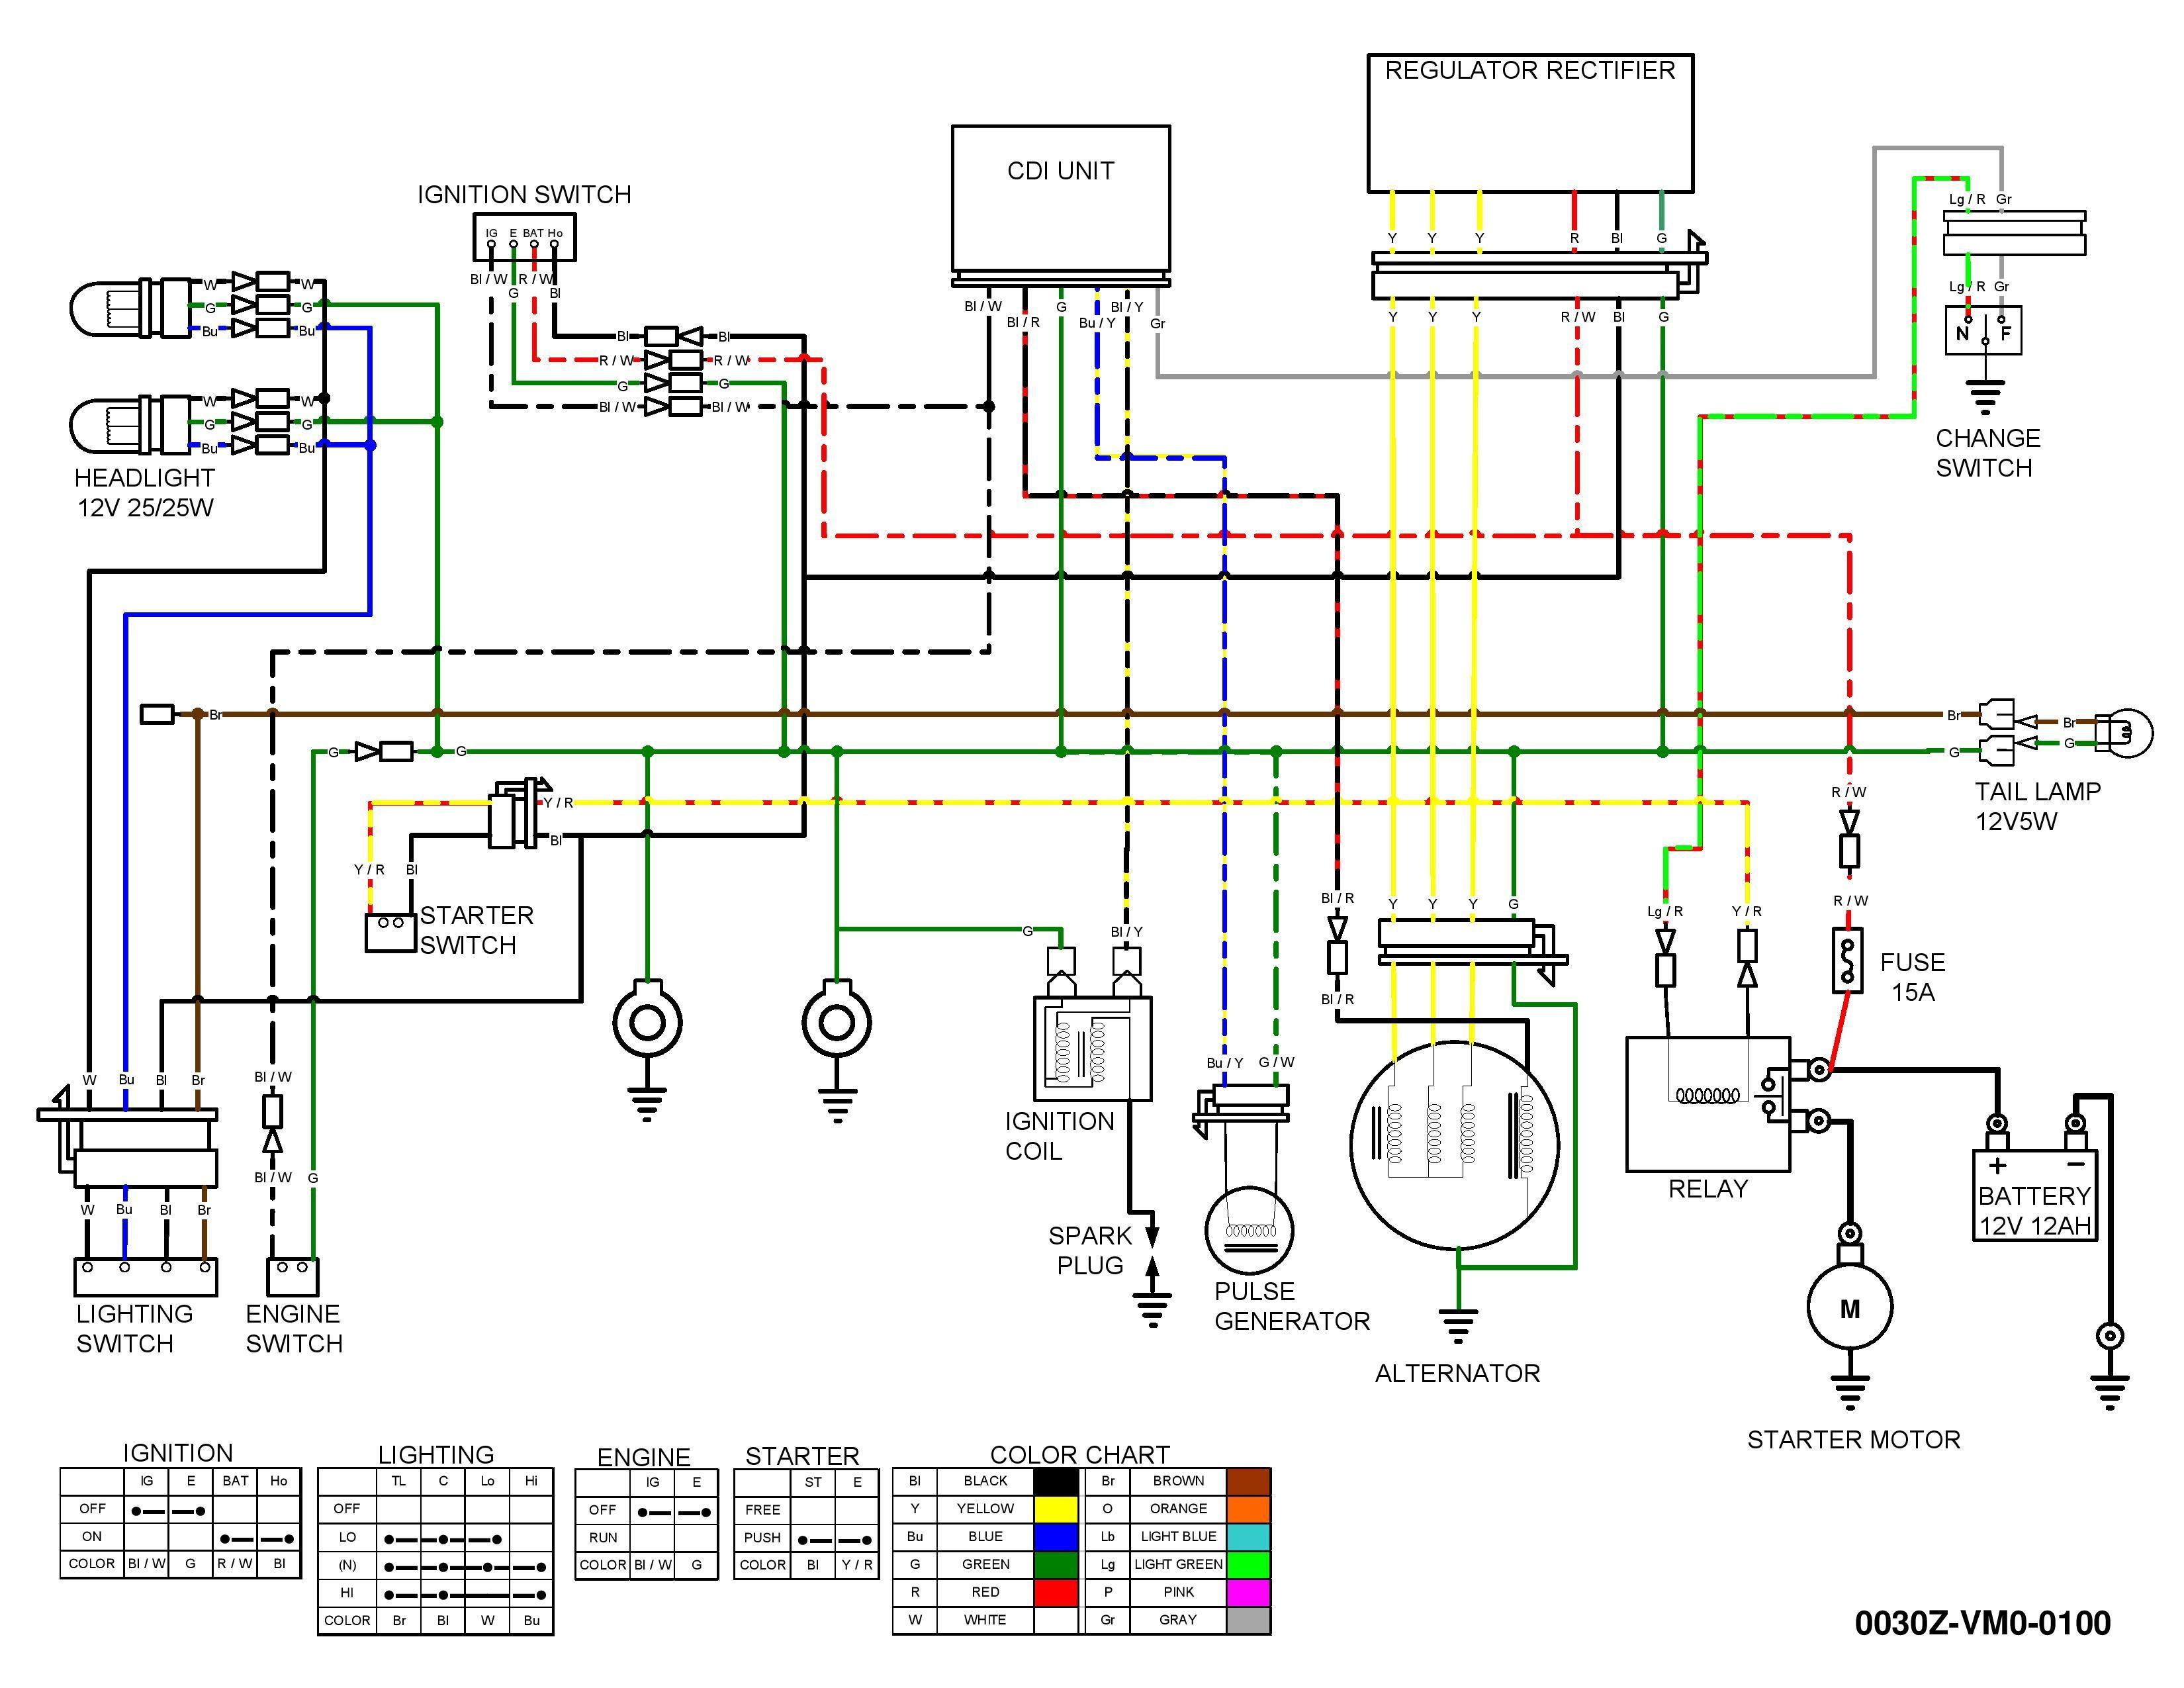 [DIAGRAM_38YU]  Honda Odyssey Trailer Wiring - Wiring Diagram Schemes | Honda 2007 Tow Wiring Diagram |  | Wiring Diagram Schemes - Mein-Raetien